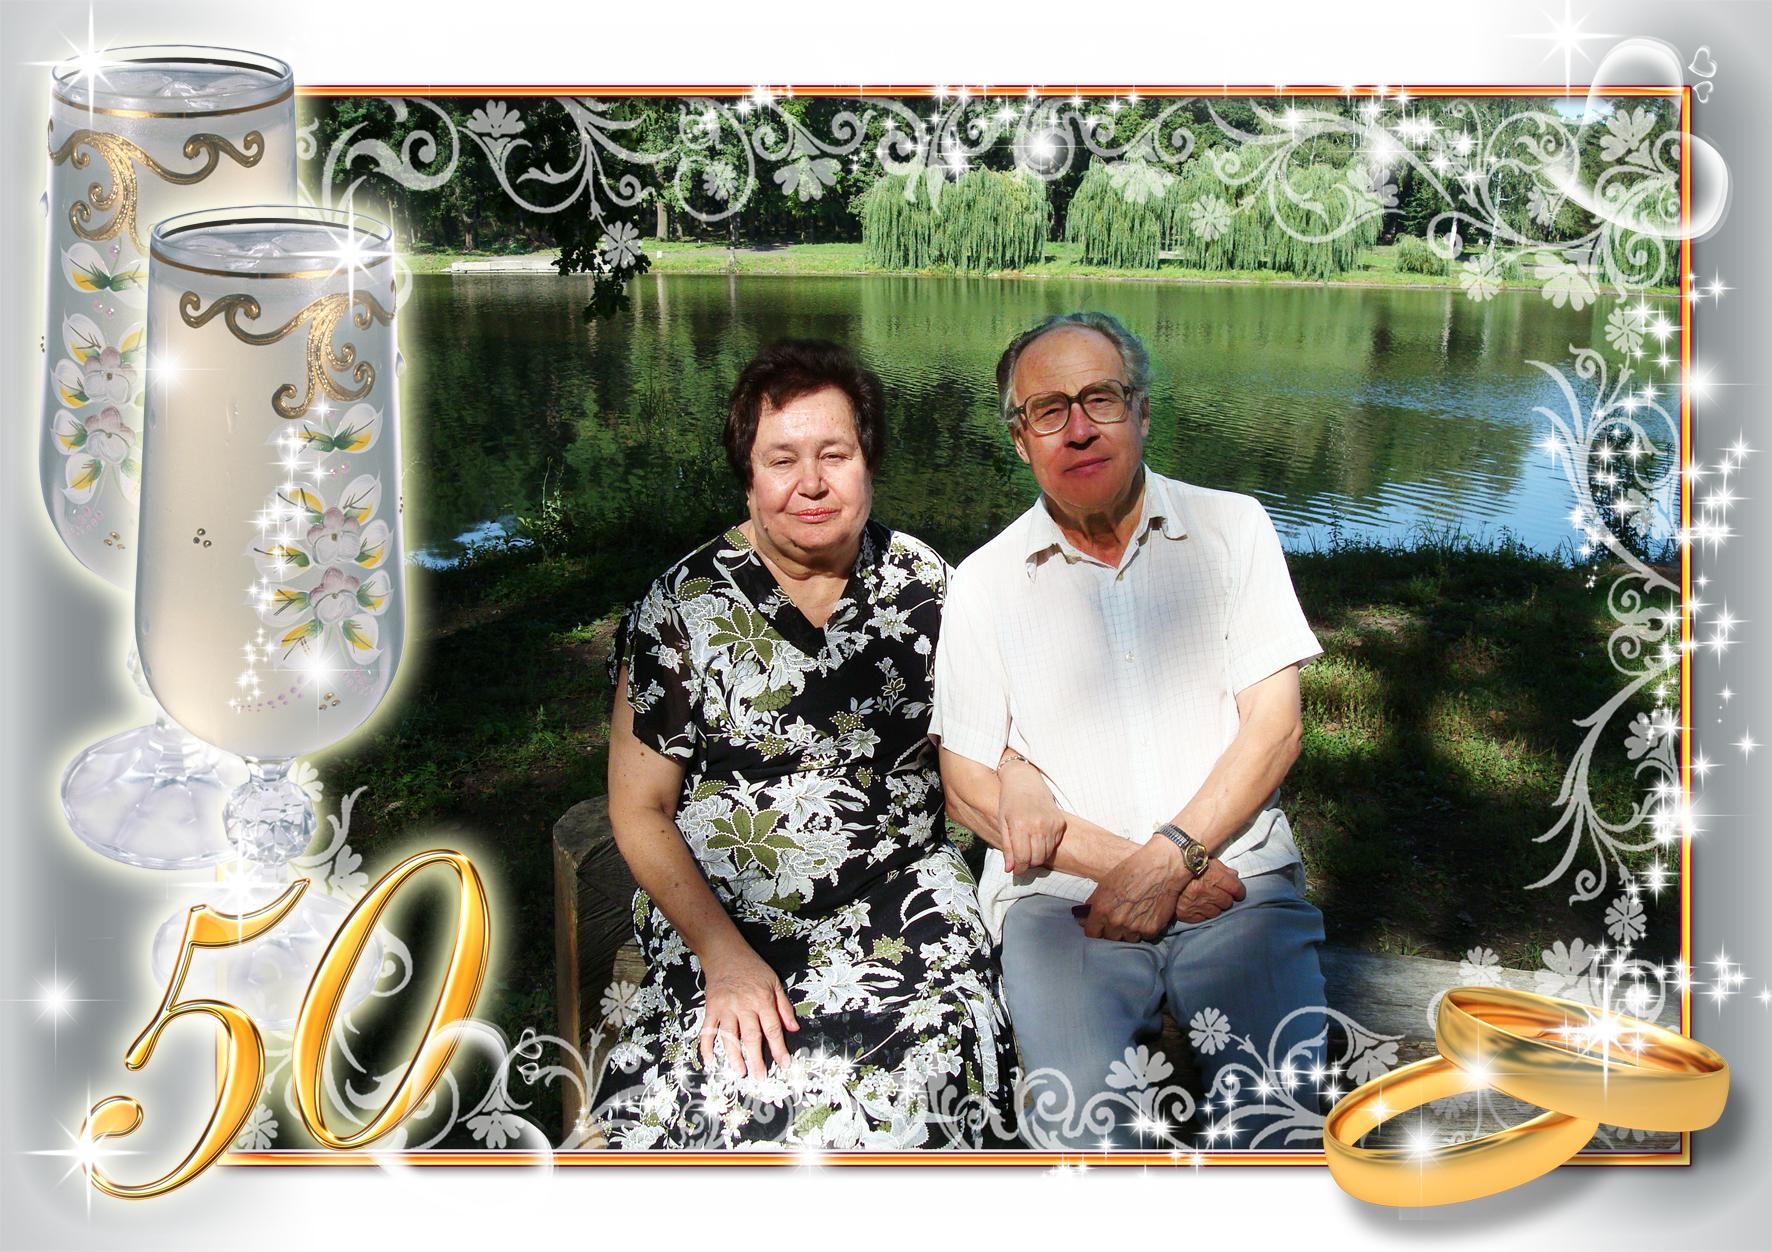 Поздравление от бабушкина свадьбу